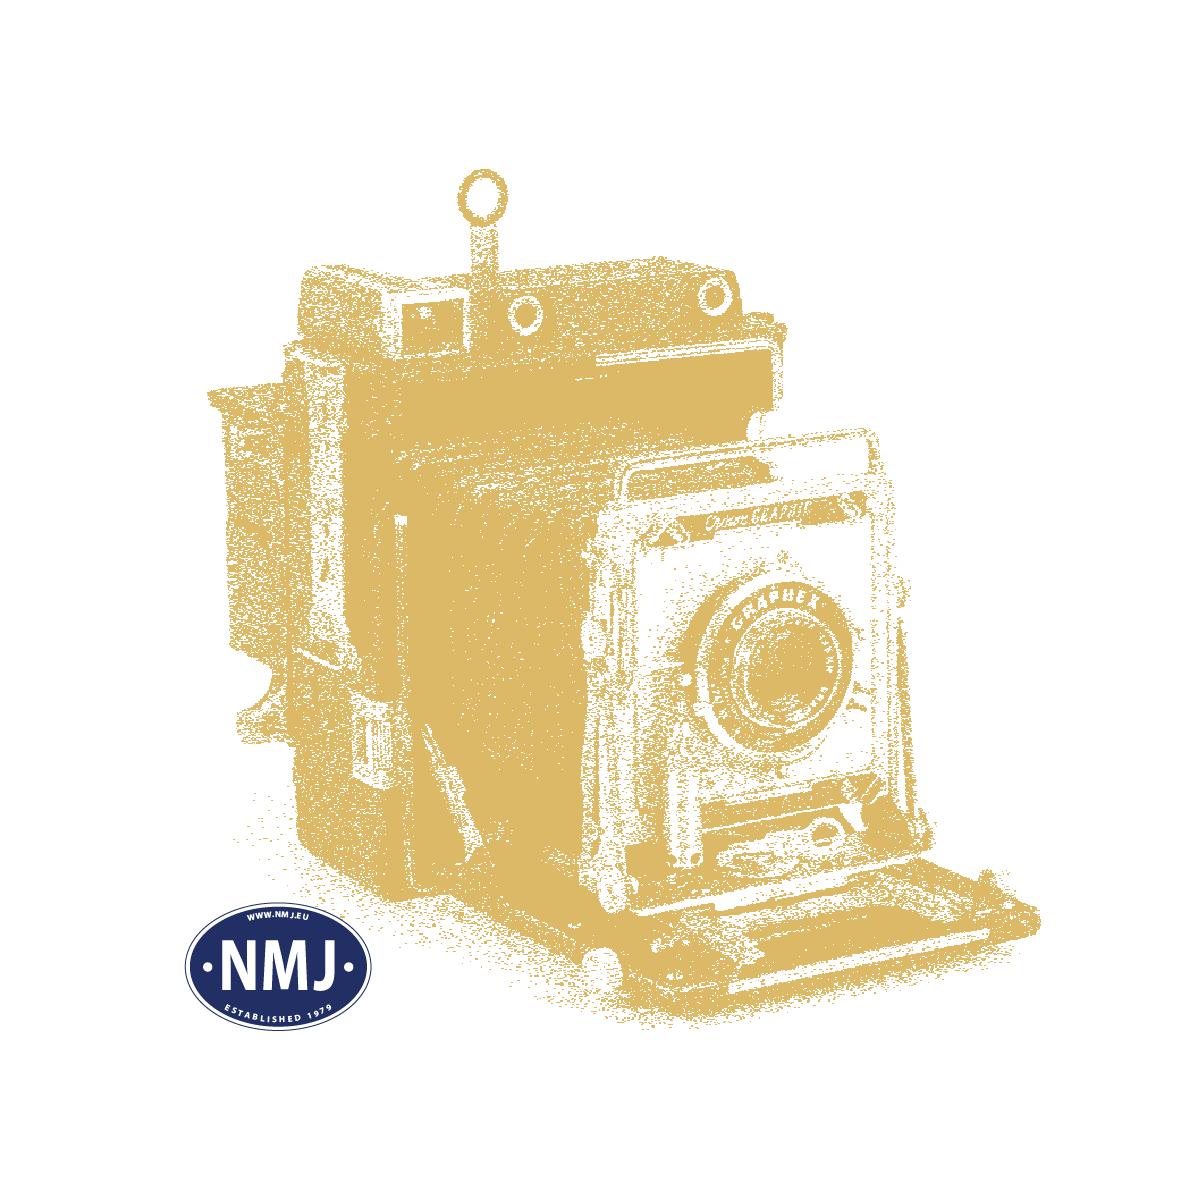 NOC15280 - Jernbanepersonalet